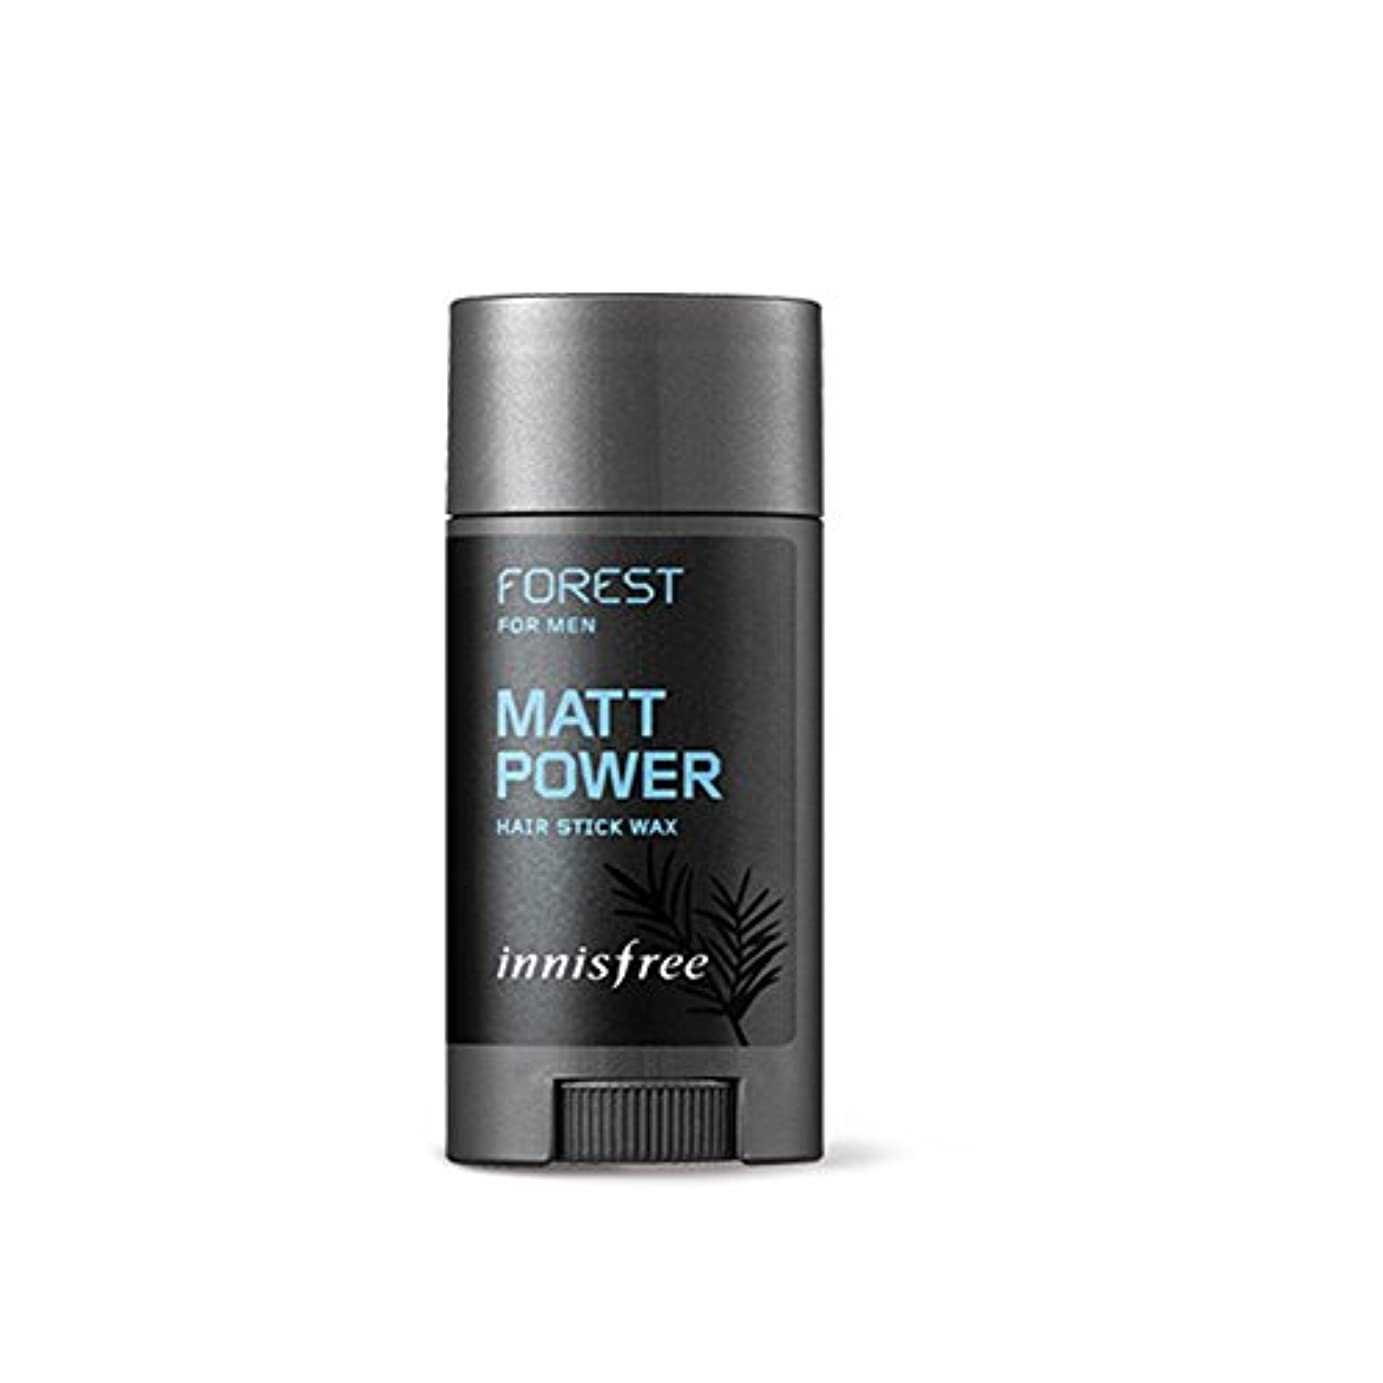 チョーク南極トチの実の木イニスフリーフォレストメンズヘアスティックワックス、マットパワー15g / Innisfree Forest for Men Hair Stick Wax, Matt Power 15g [並行輸入品][海外直送品]